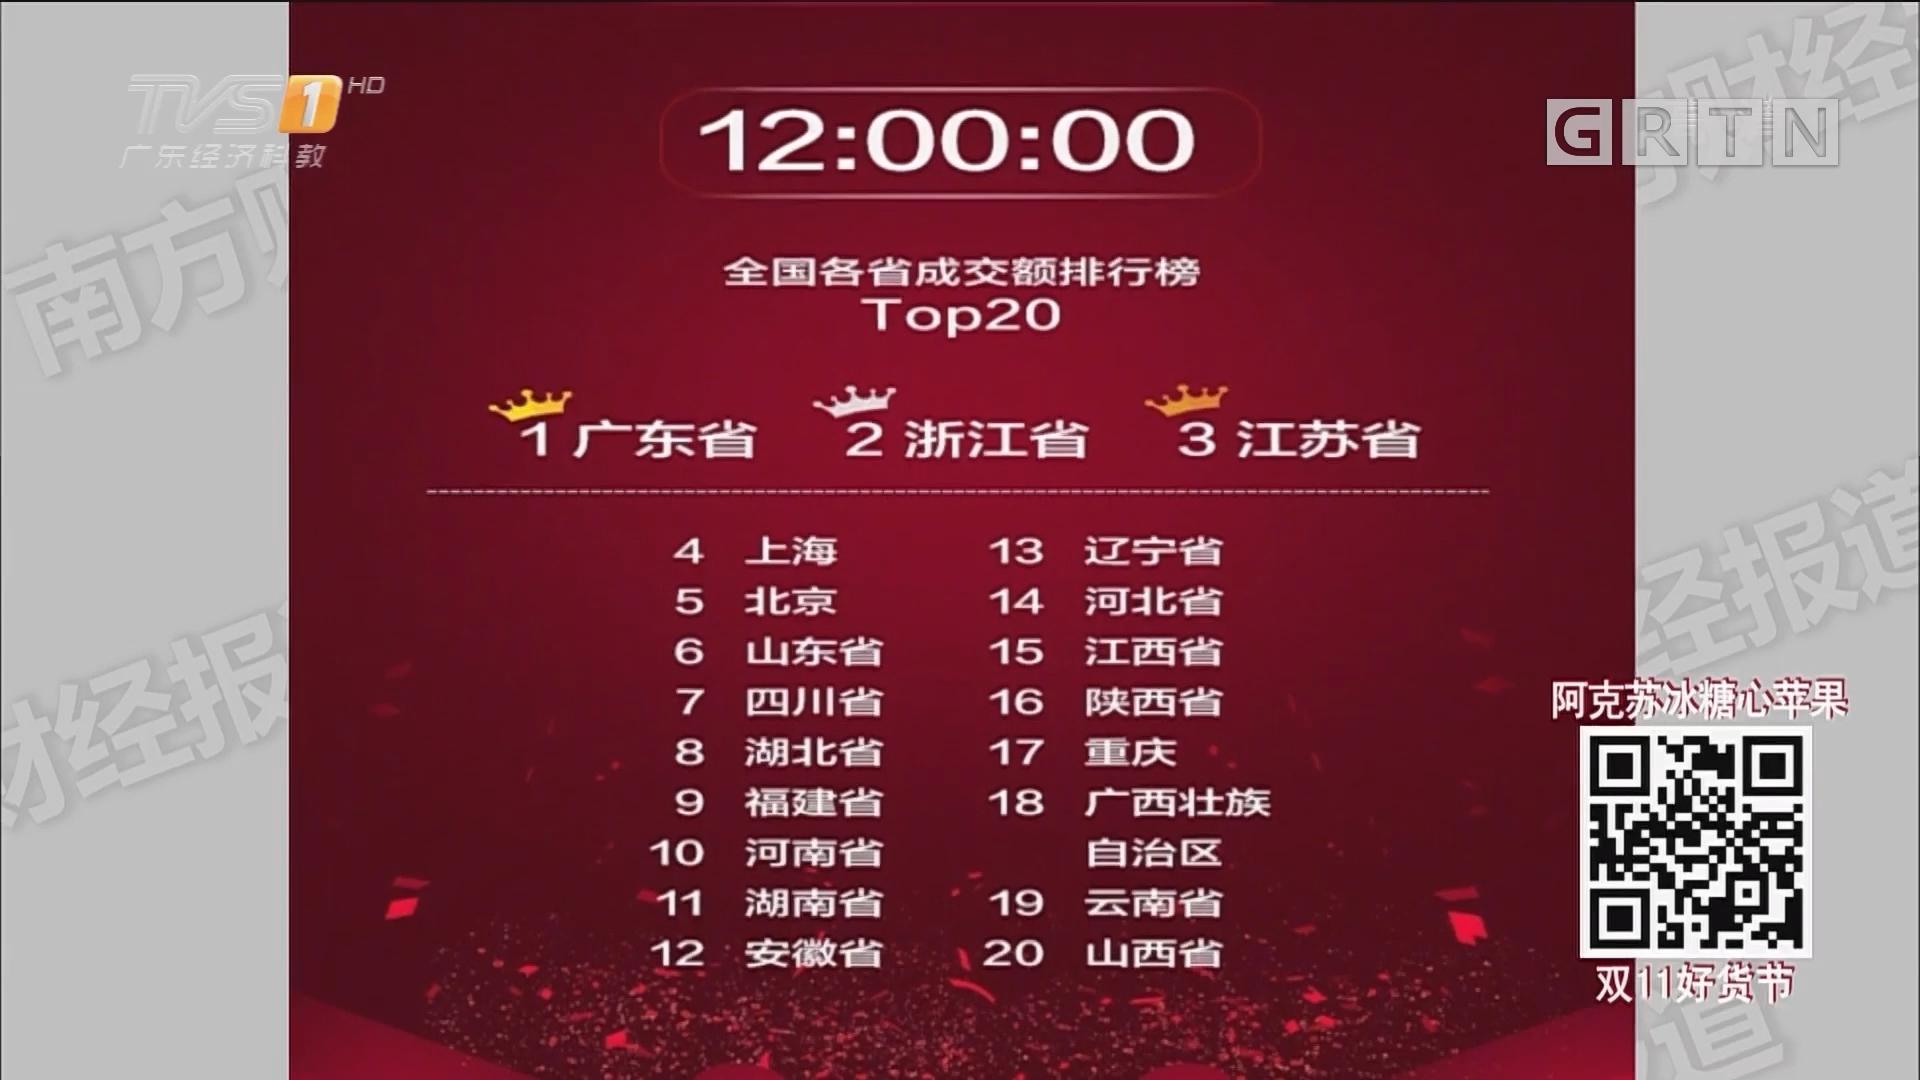 2539亿元!双十一破新纪录!广东冲上榜首